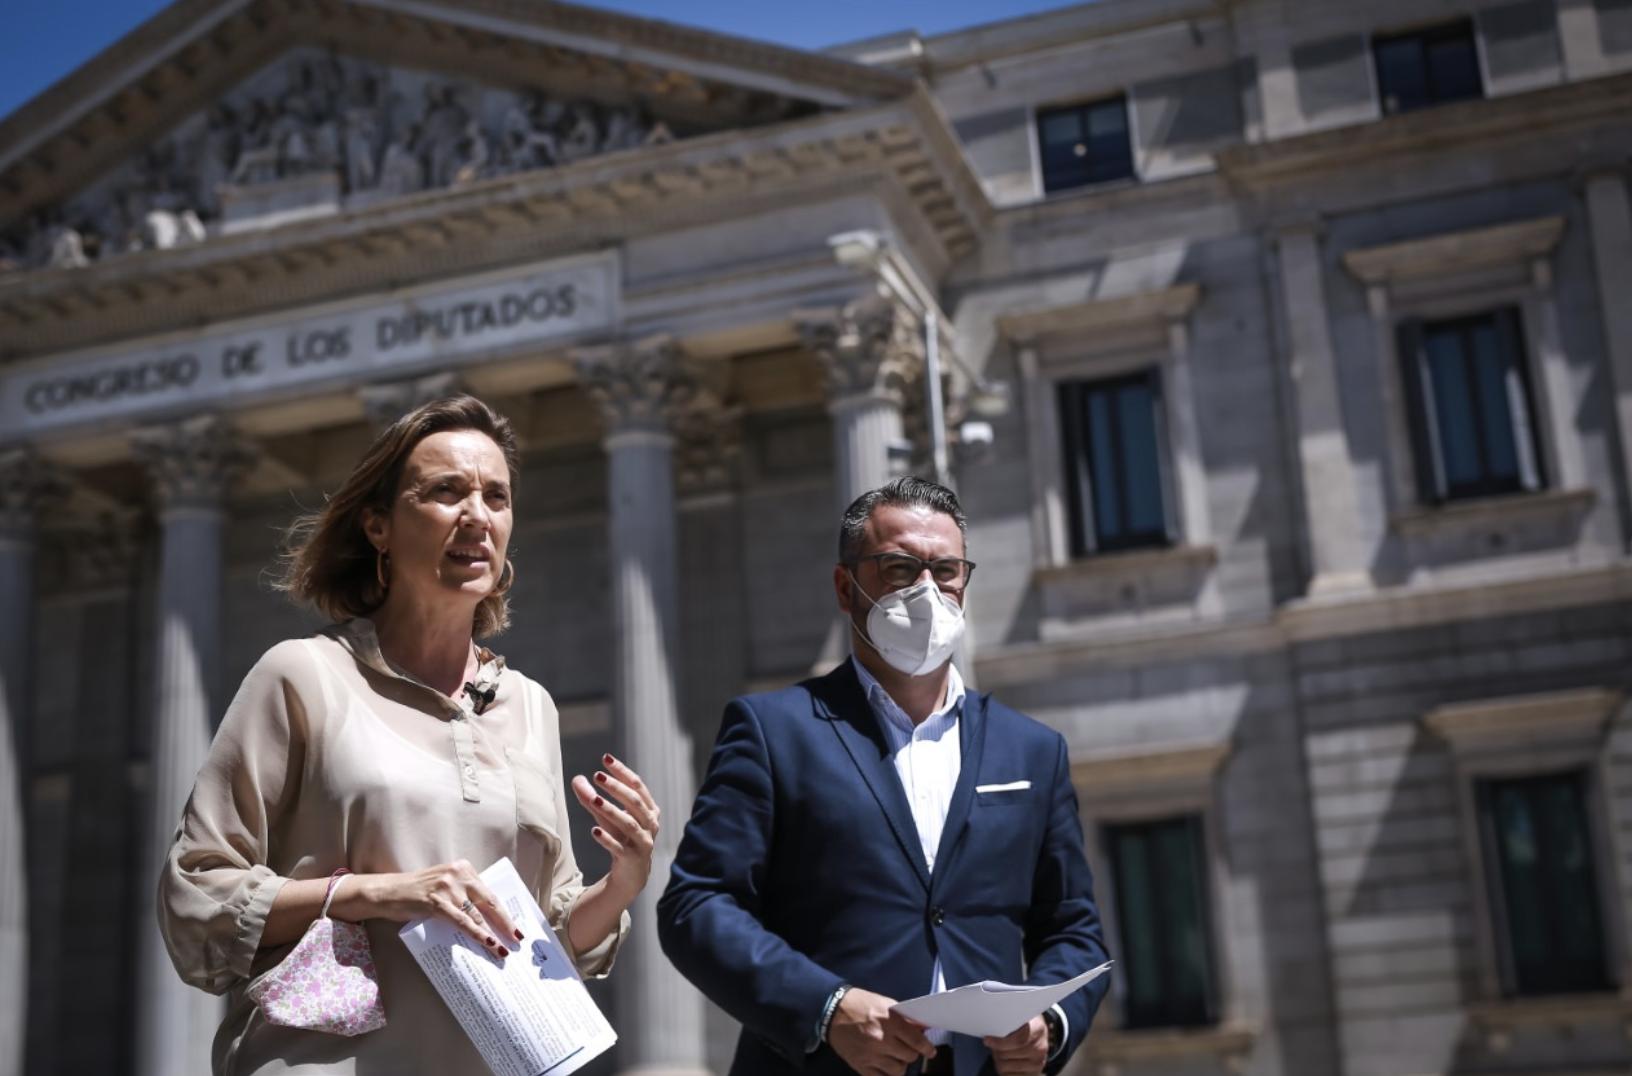 El PP exige al gobierno que se recuperen los servicios ferroviarios en La Rioja